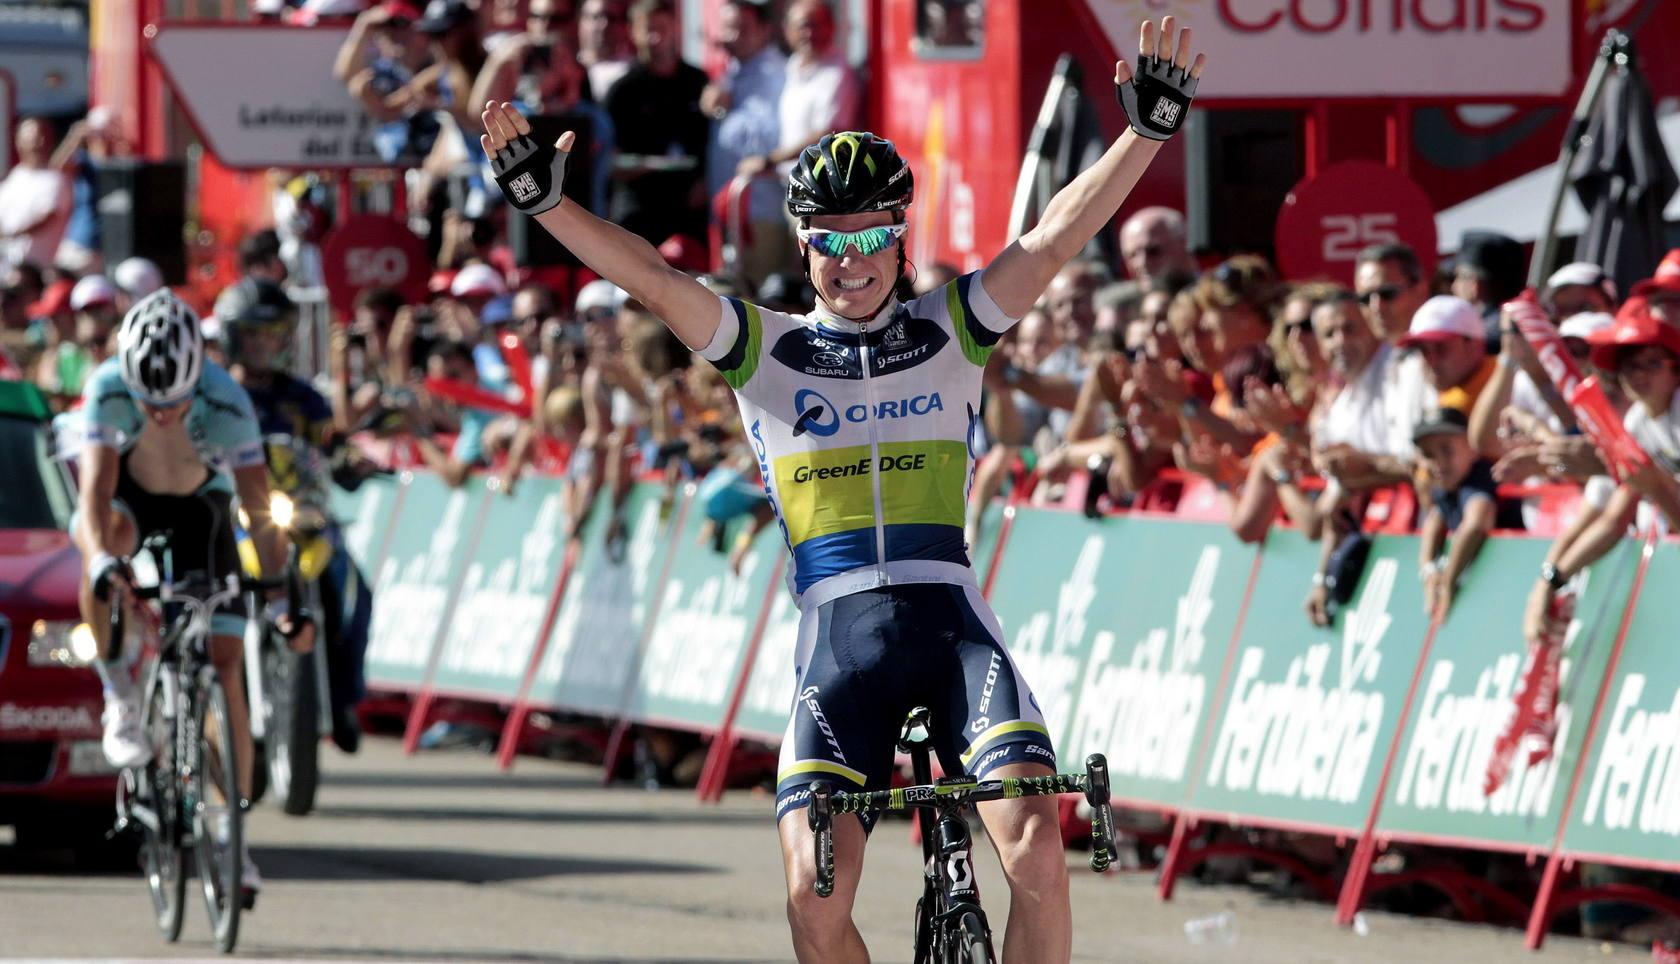 La mejores imágenes de la cuarta etapa de la Vuelta a España 2012